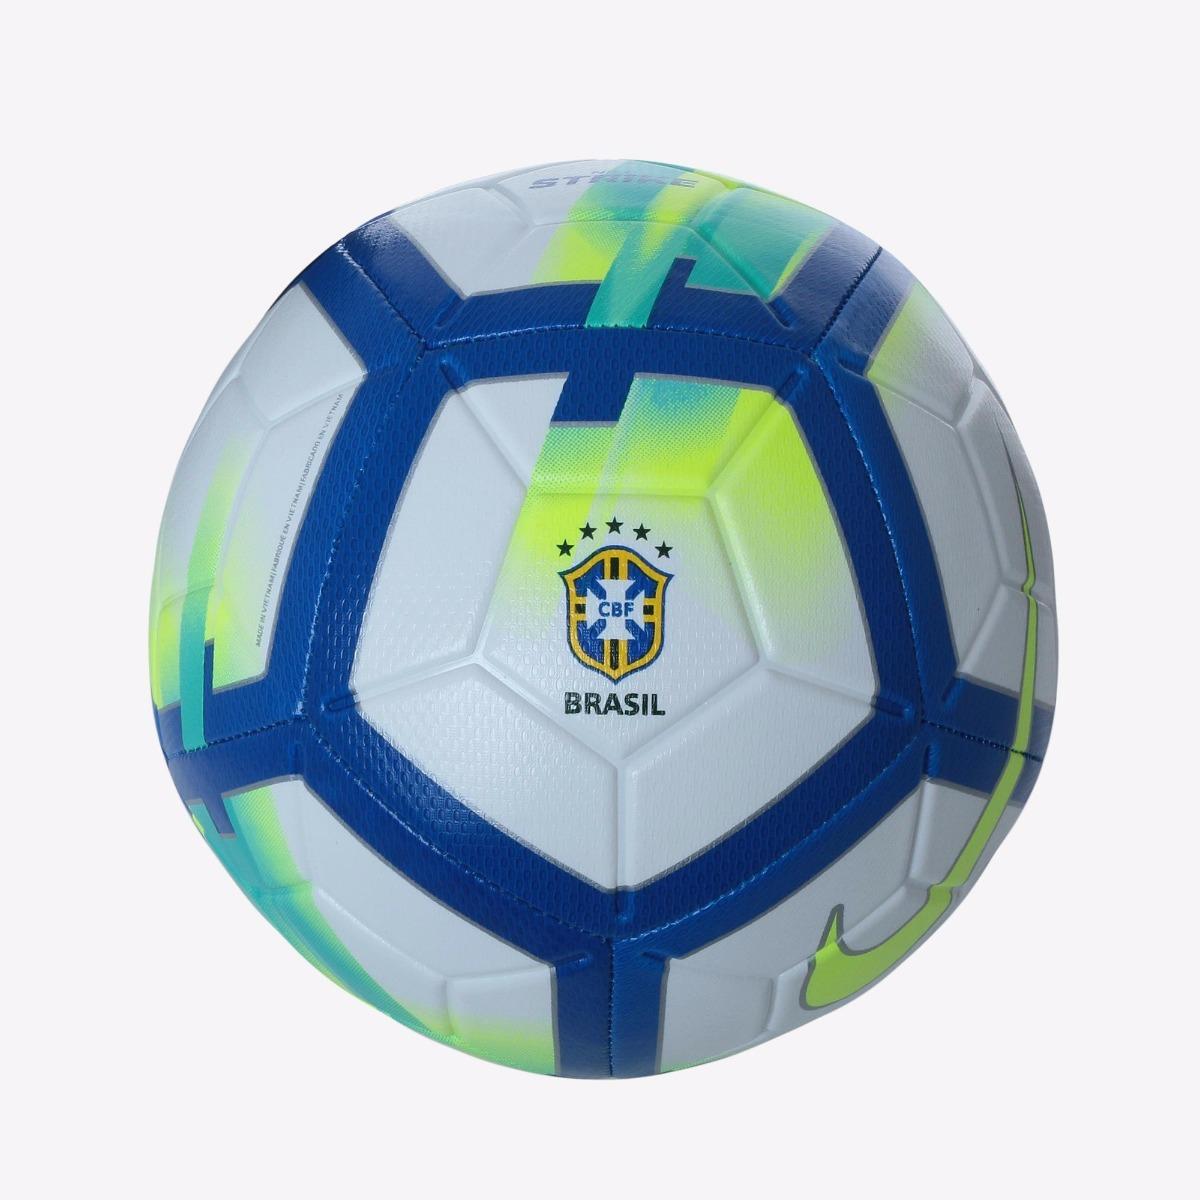 bola nike strike cbf campo brasileirão 2018 + nf. Carregando zoom. 2d6e92446a020